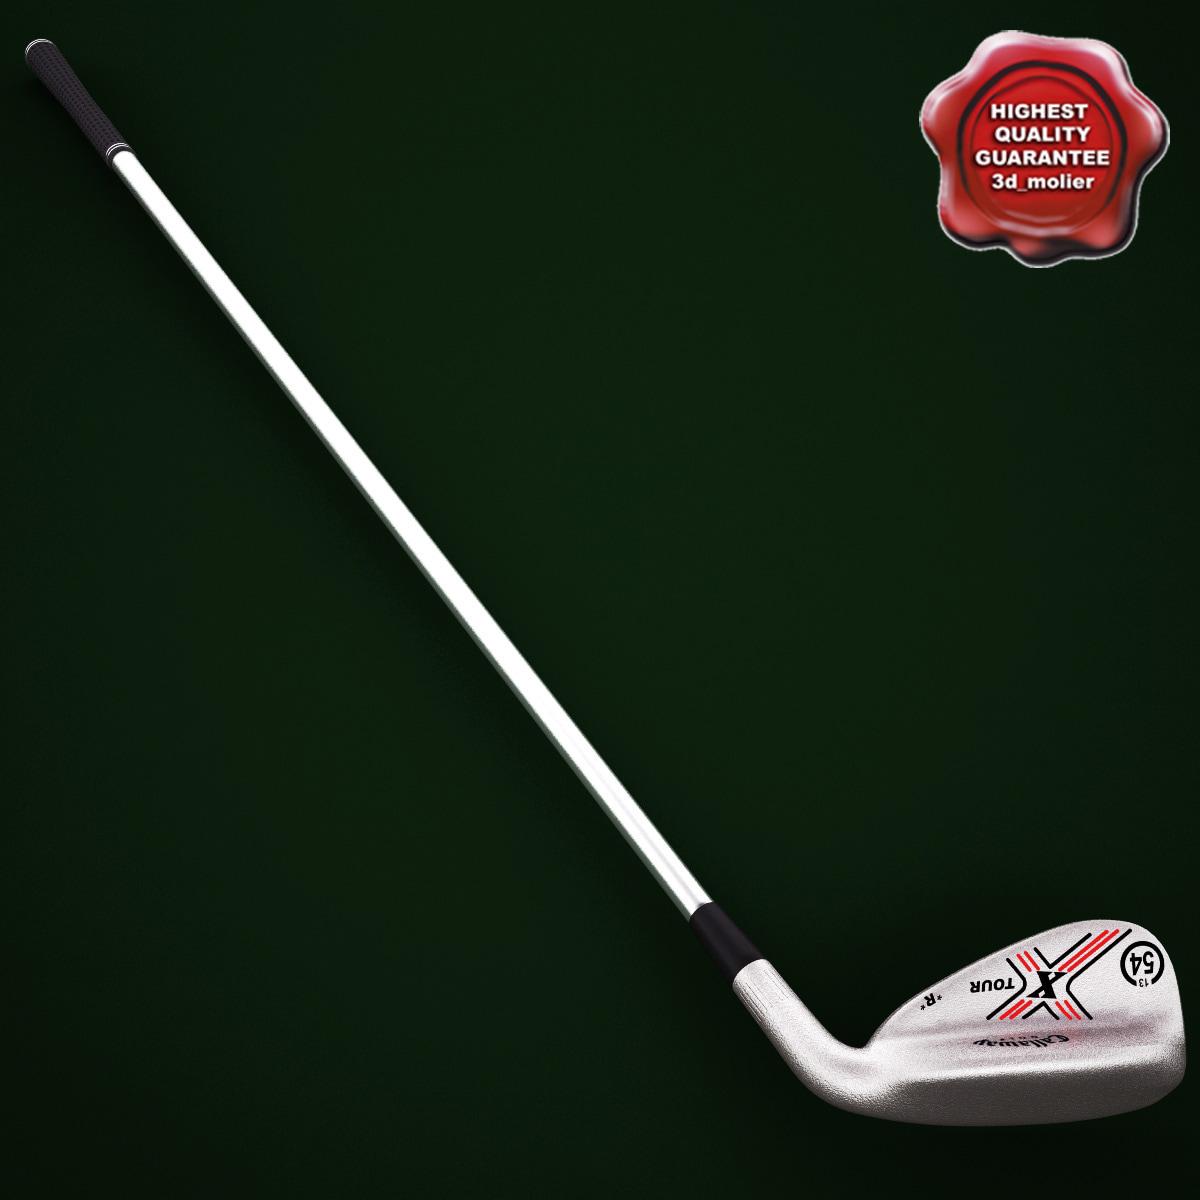 Callaway_Golf_X-Tour_00.jpg